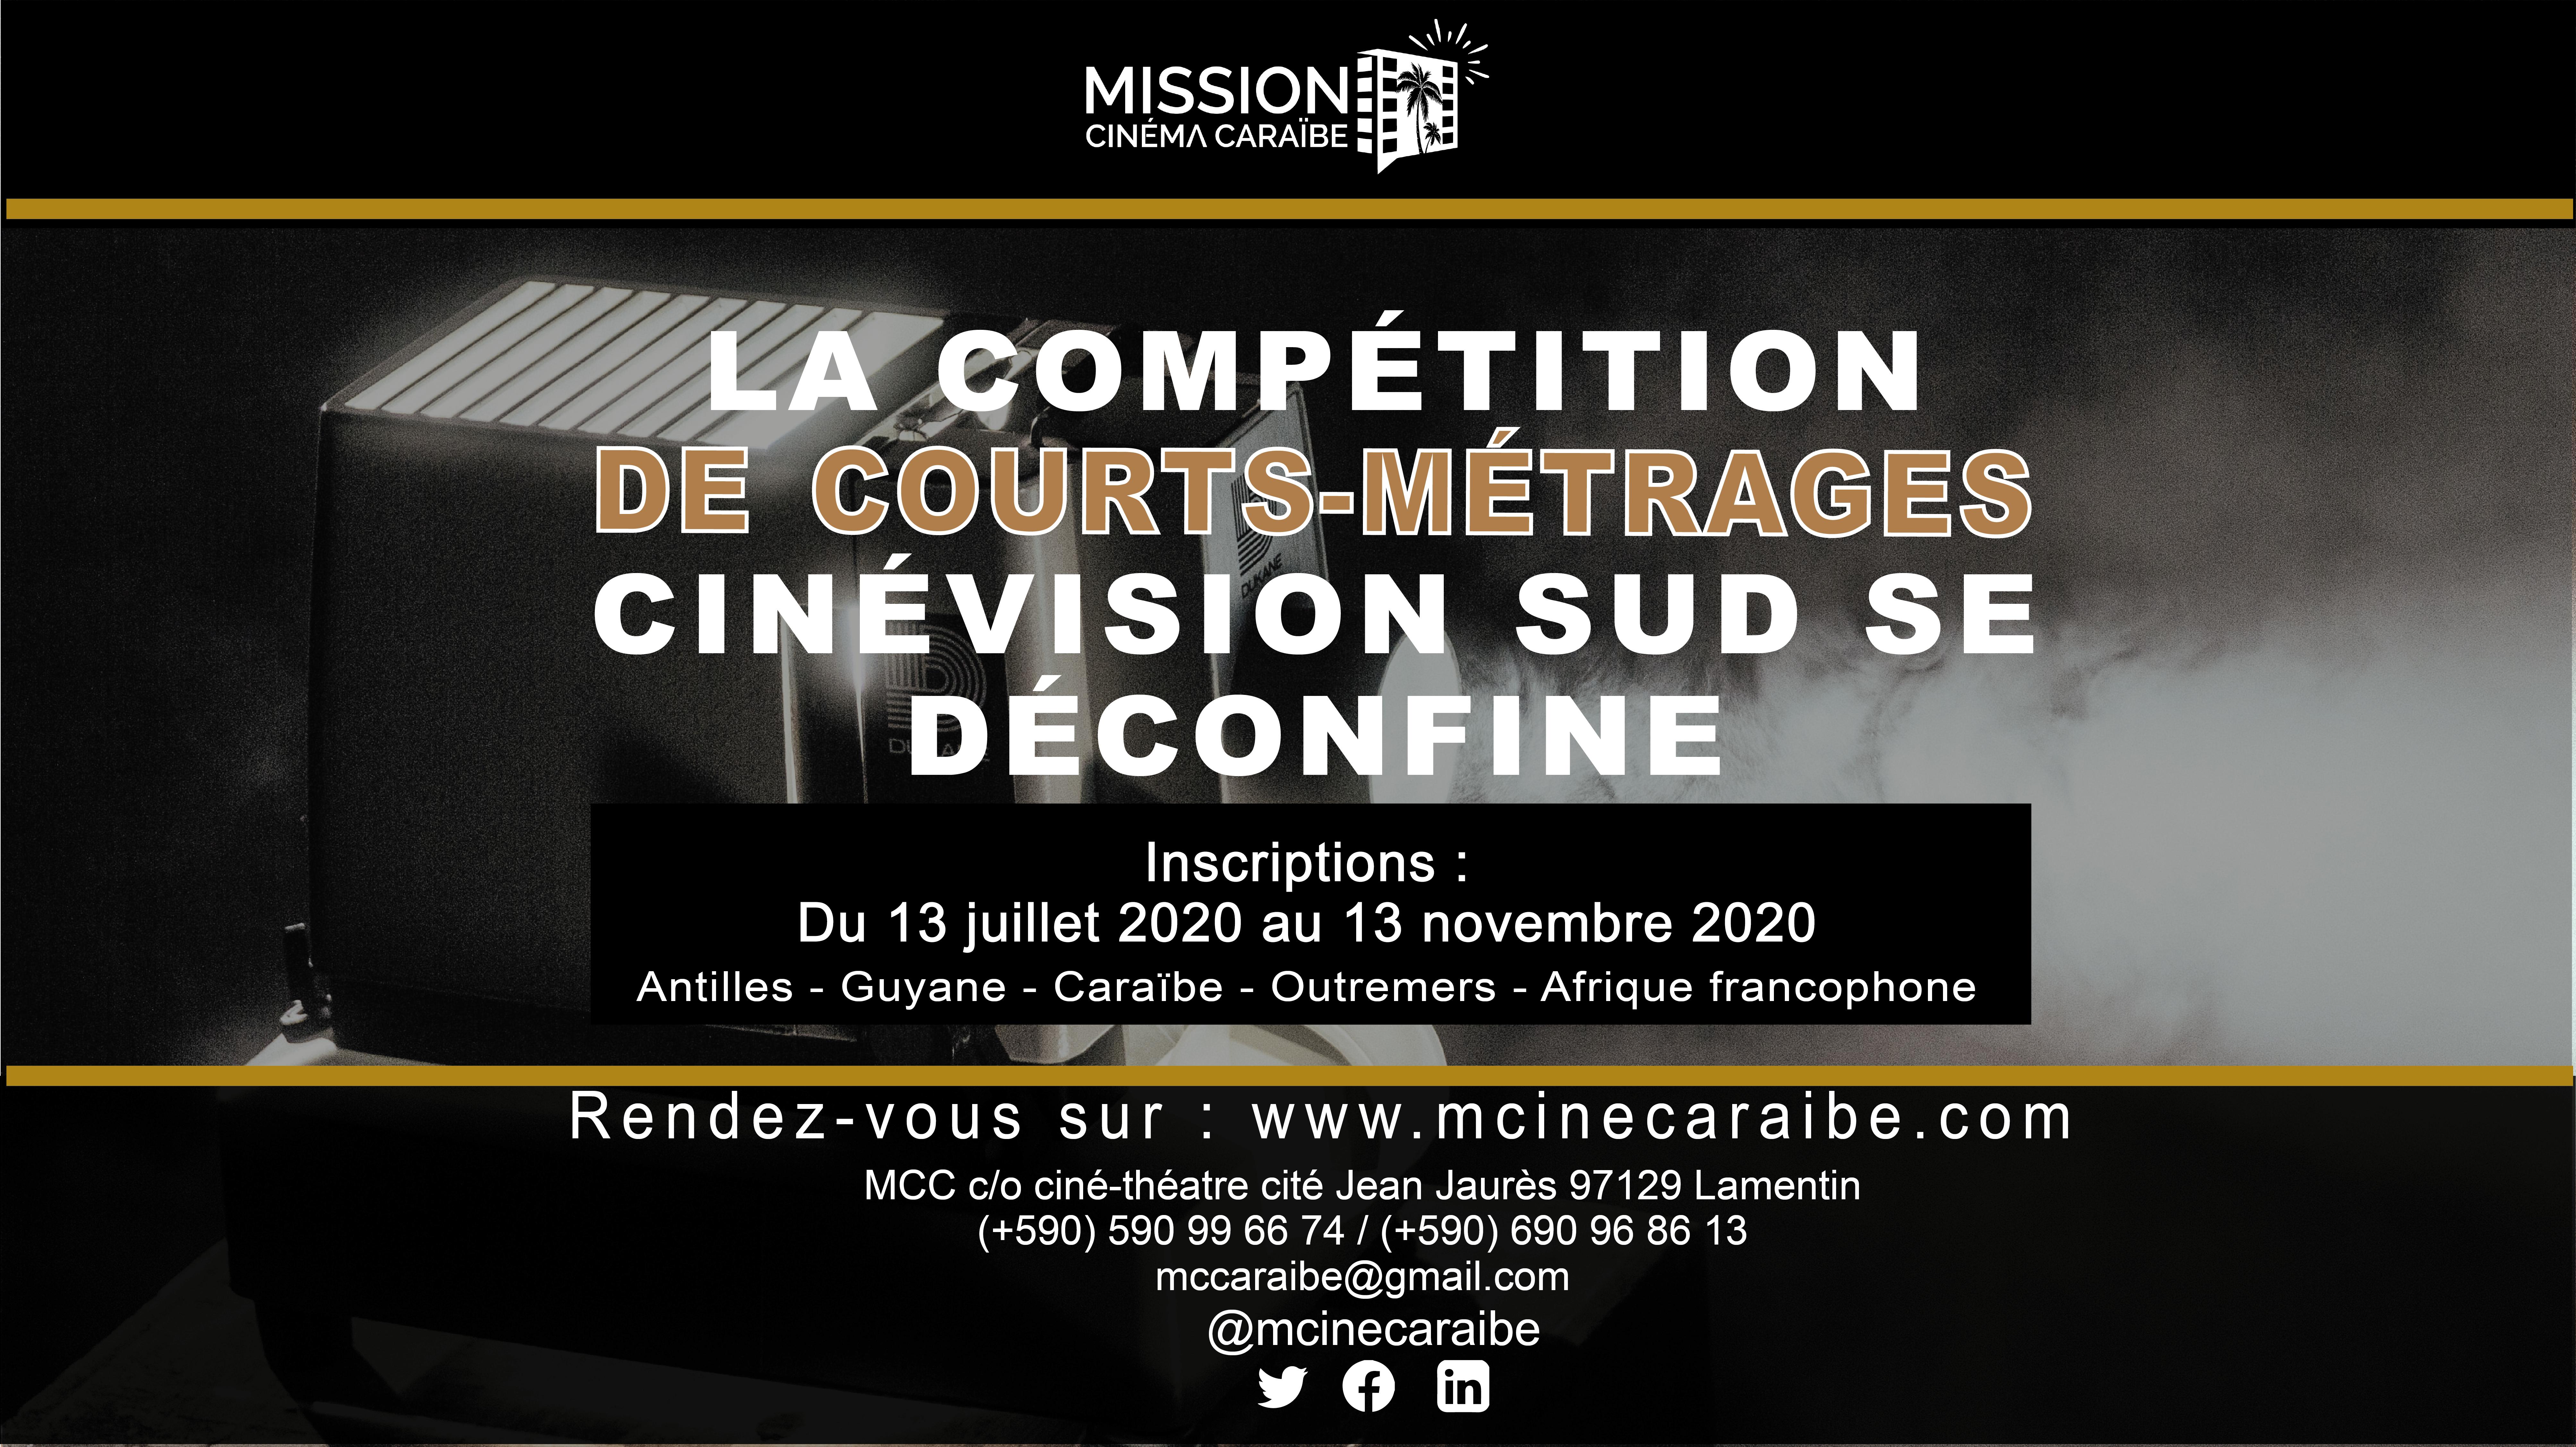 La Mission Cinéma Caraïbe lance son appel à films: la compétition CinéVision Sud 2020-2021 se déconfine